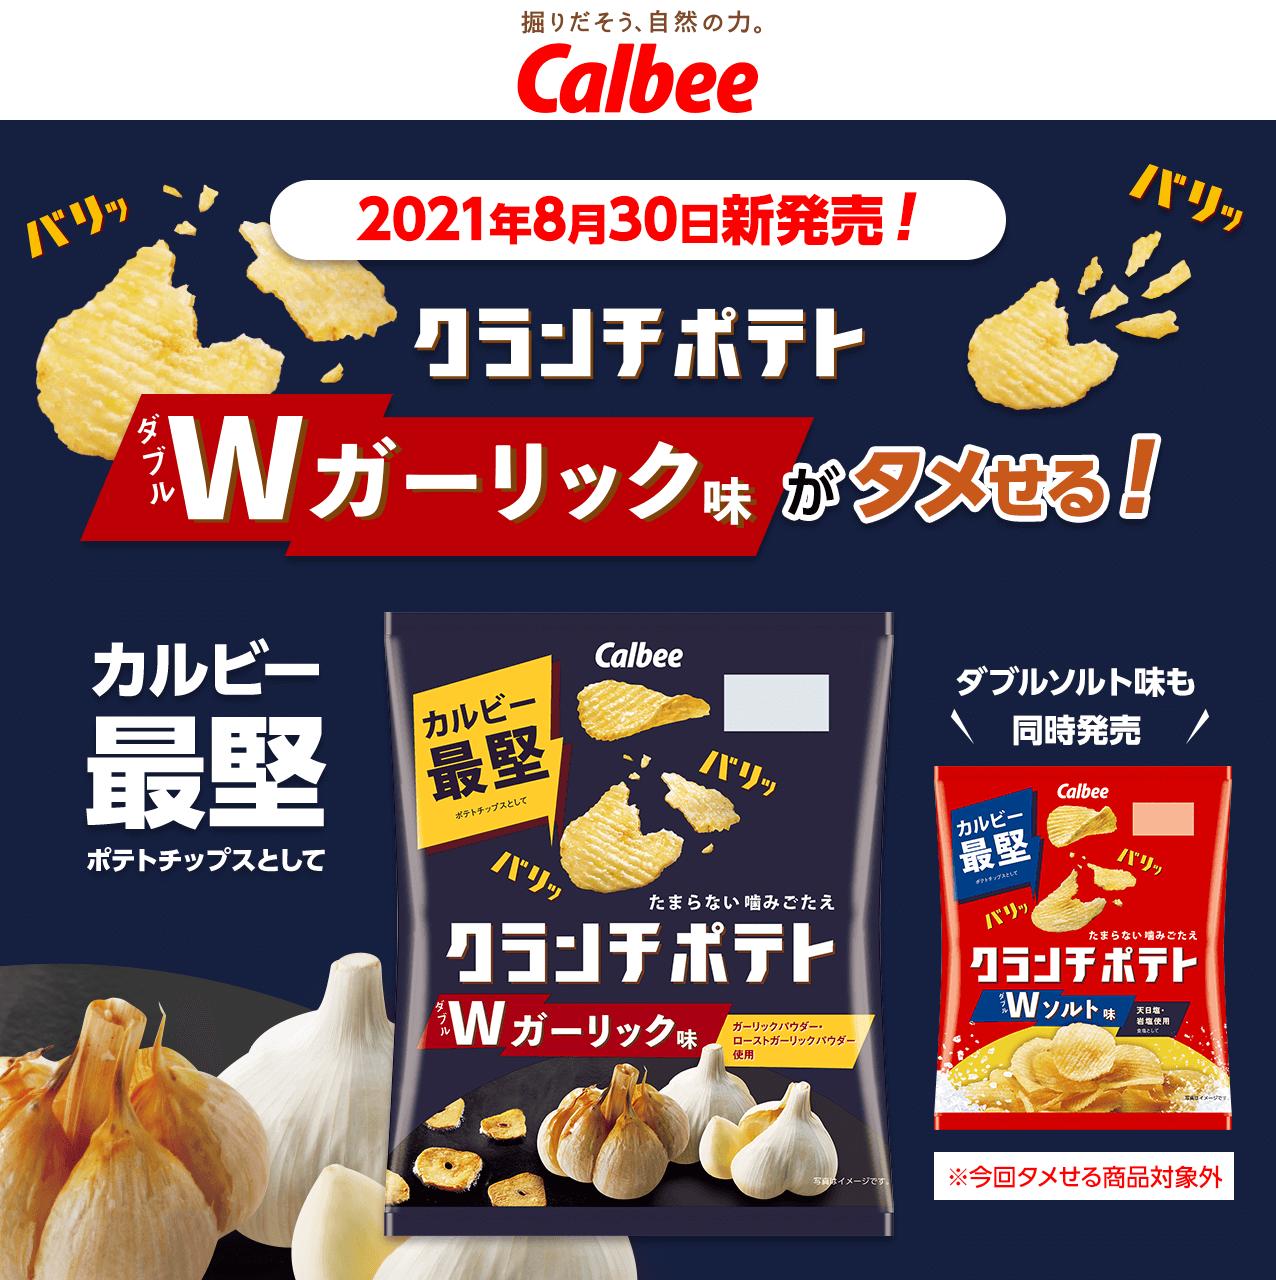 2021 年 8 月 30 日的新版本! Calbee 最新質地薯片脆土豆雙蒜味! 雙鹽味也同時發售! * 不適用於本次可以使用的產品